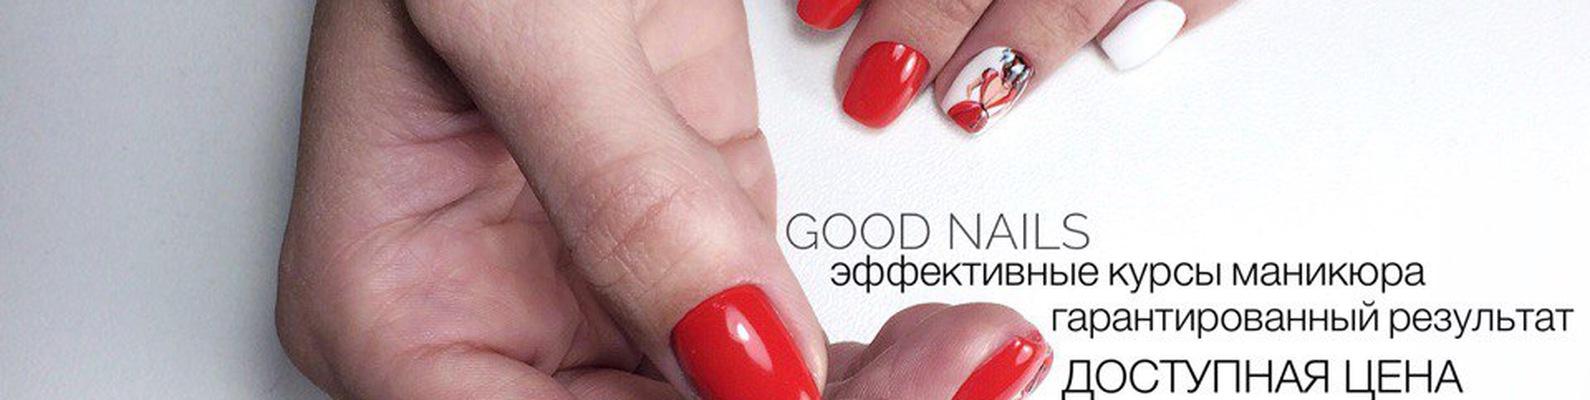 Дизайн Педикюра Красного Цвета Фото